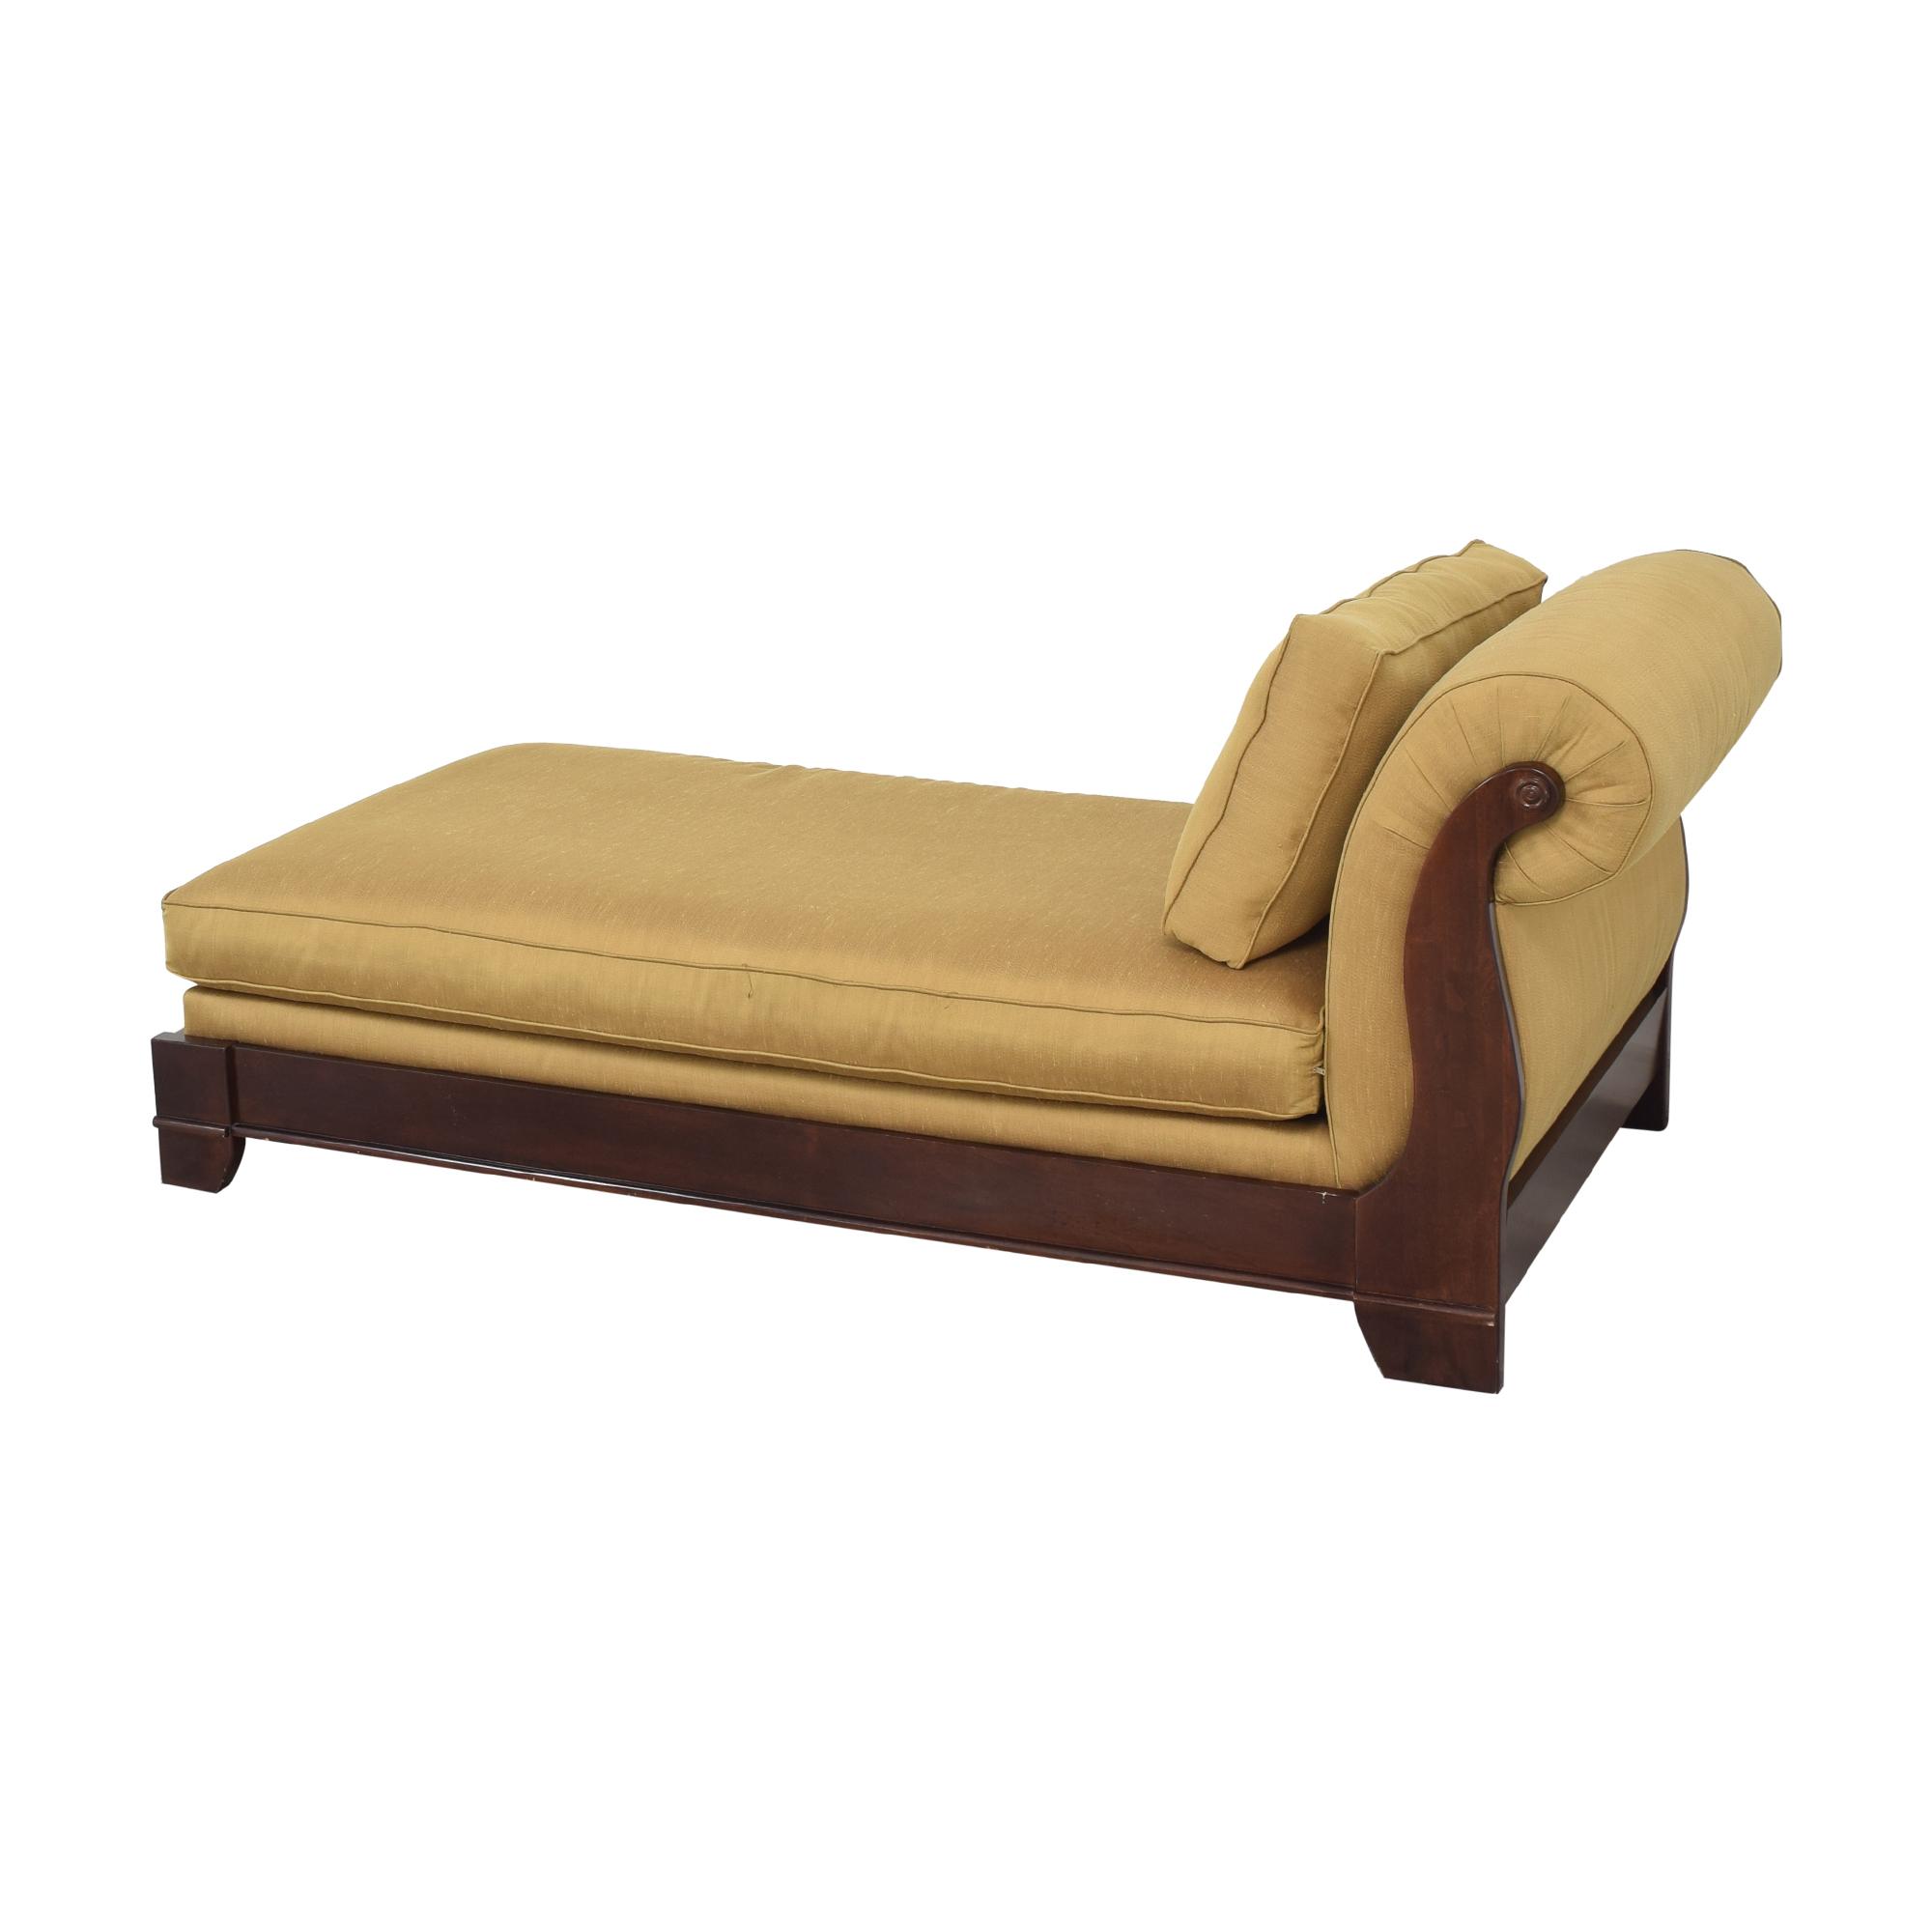 Bassett Upholstered Chaise Lounge Bassett Furniture